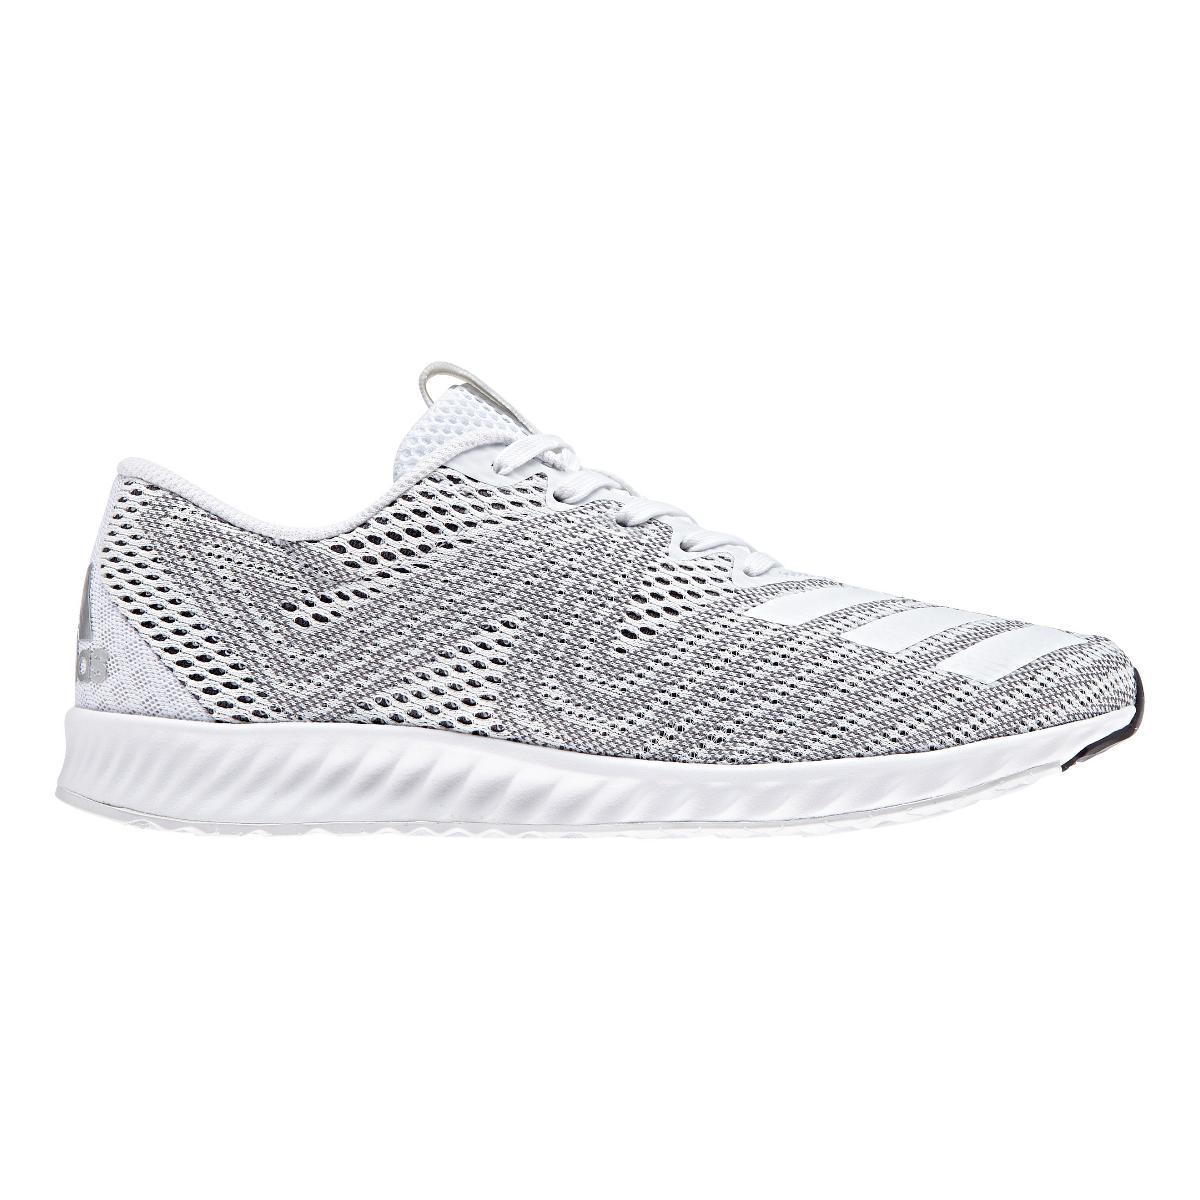 les femmes sport aerobounce chaussures adidas sport femmes à road runner. 496537